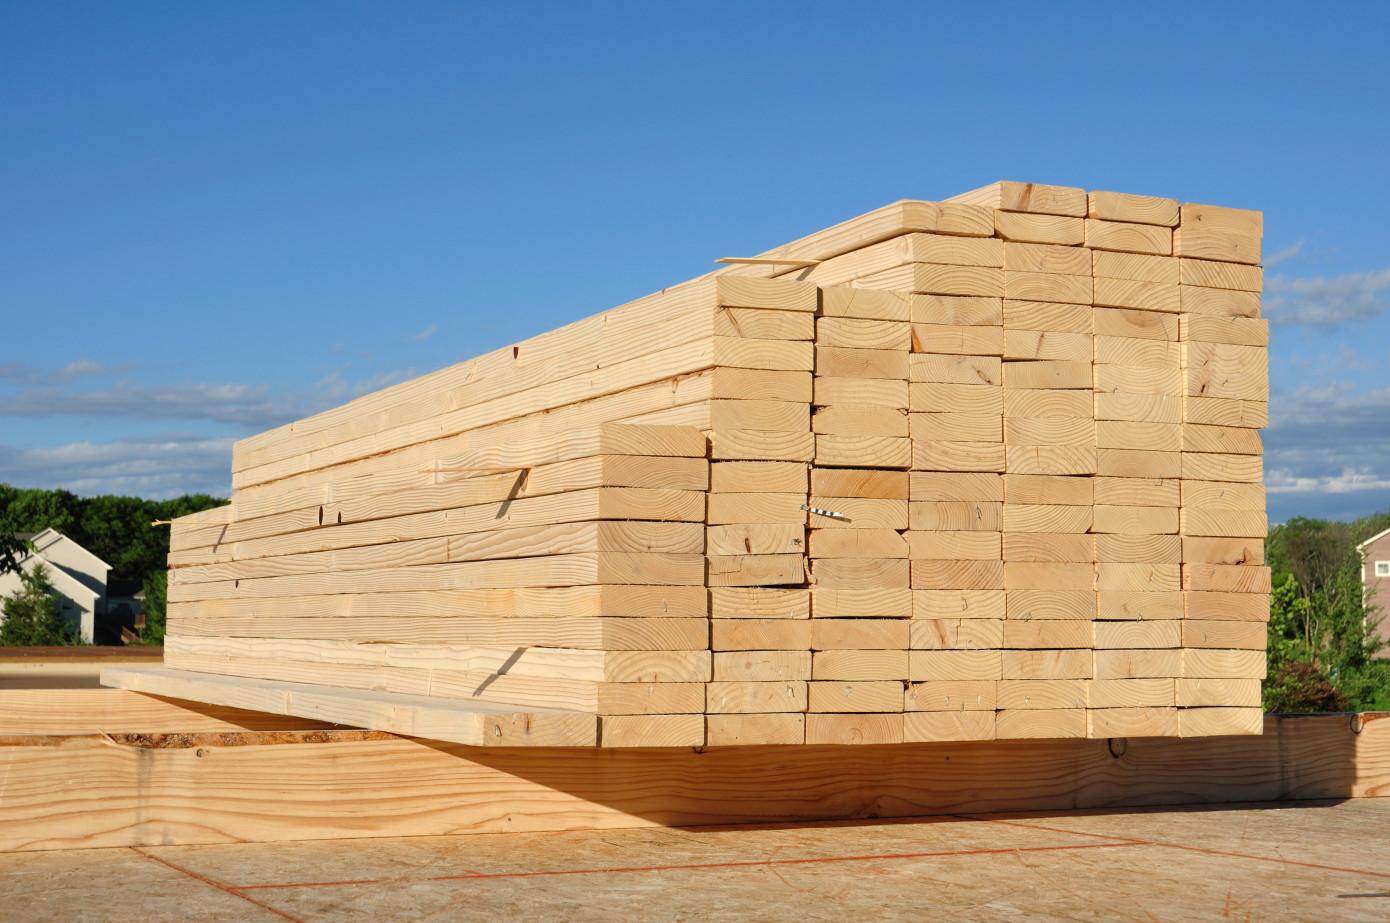 В марте 2021 г. Бразилия увеличила экспорт продукции деревообработки на 24%